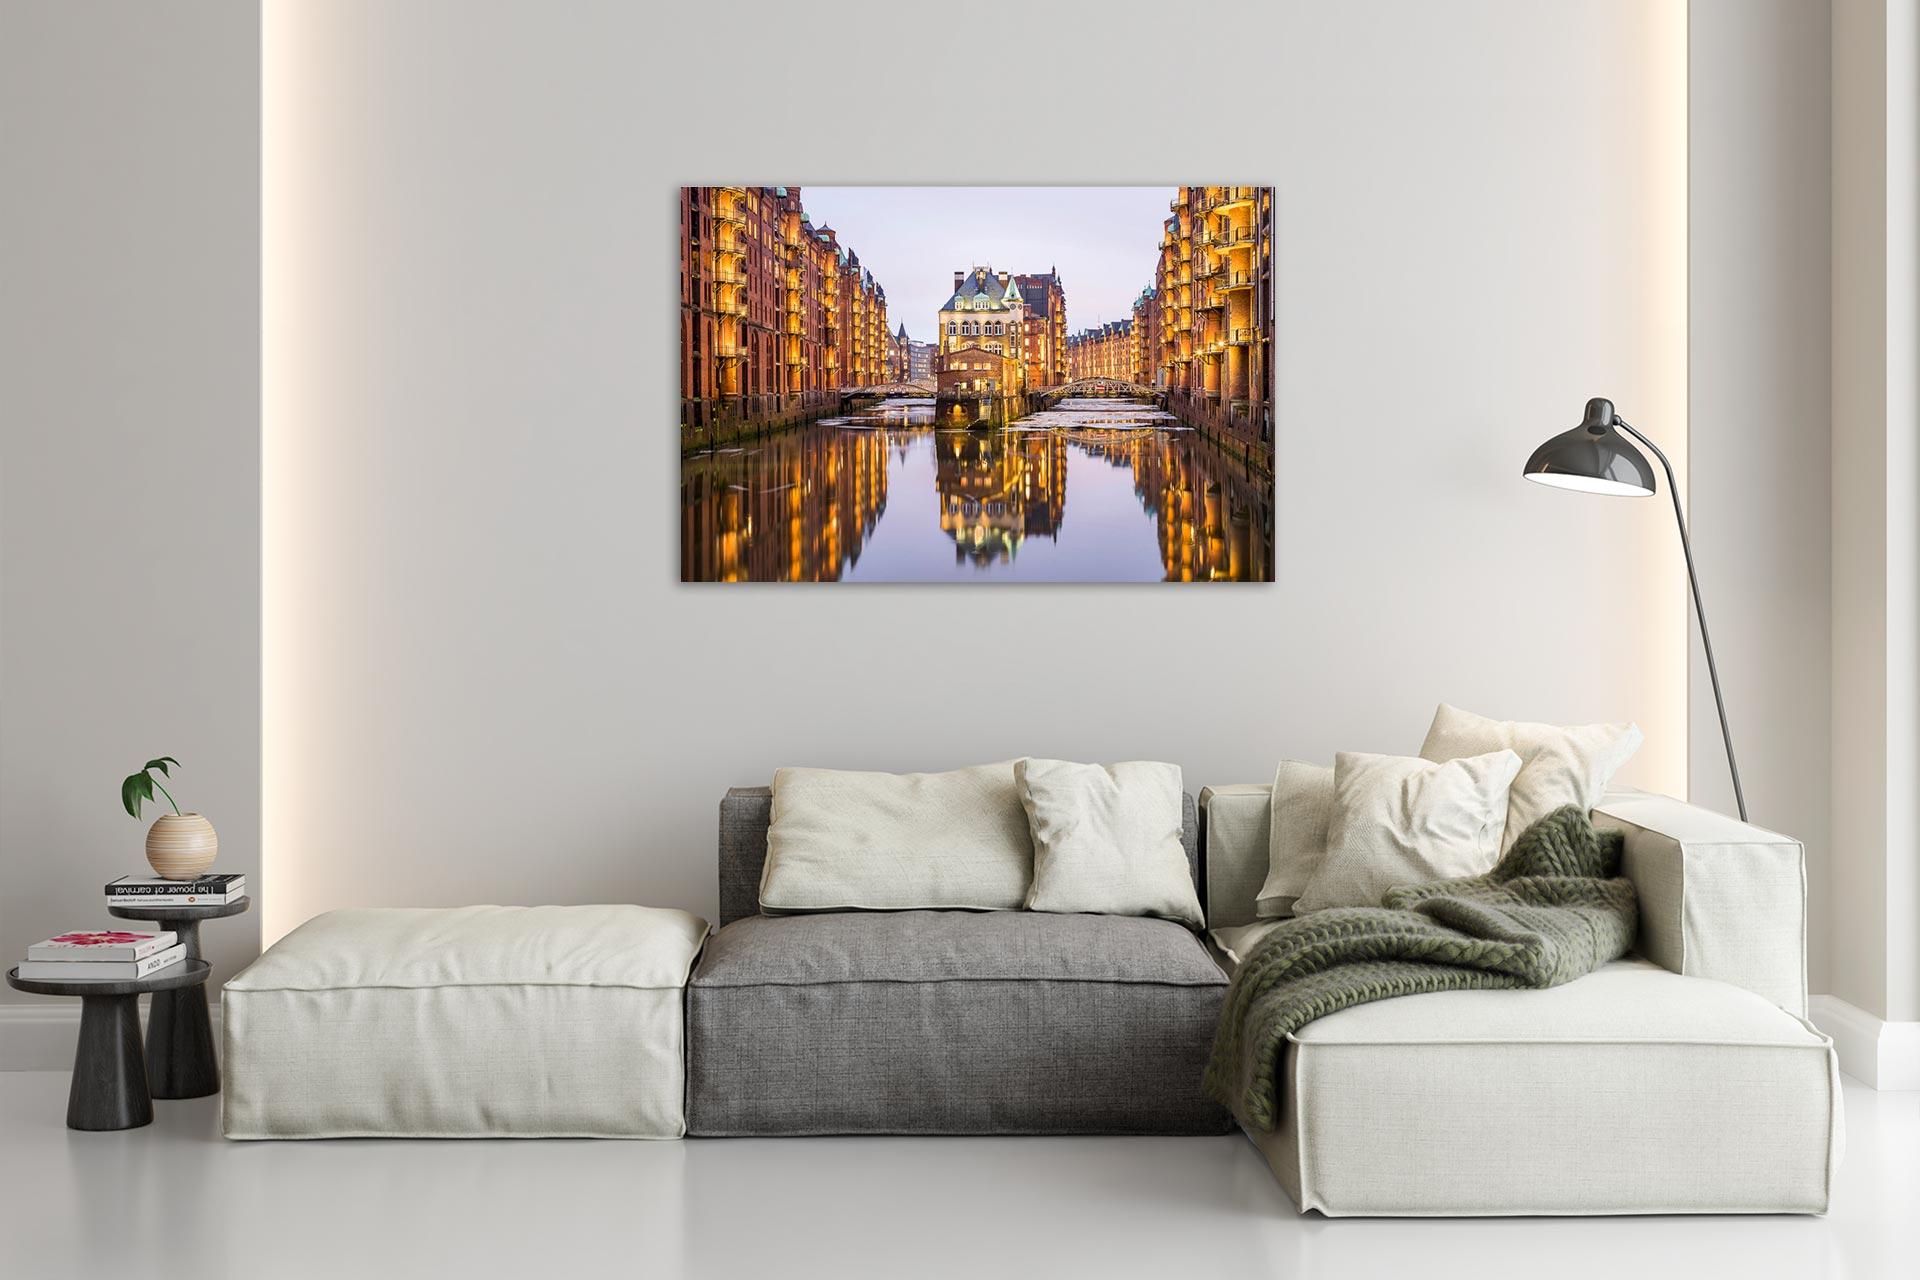 JS028-speicherstadt-hamburg-wandbild-bild-auf-leinwand-acrylglas-aludibond-wohnzimmer